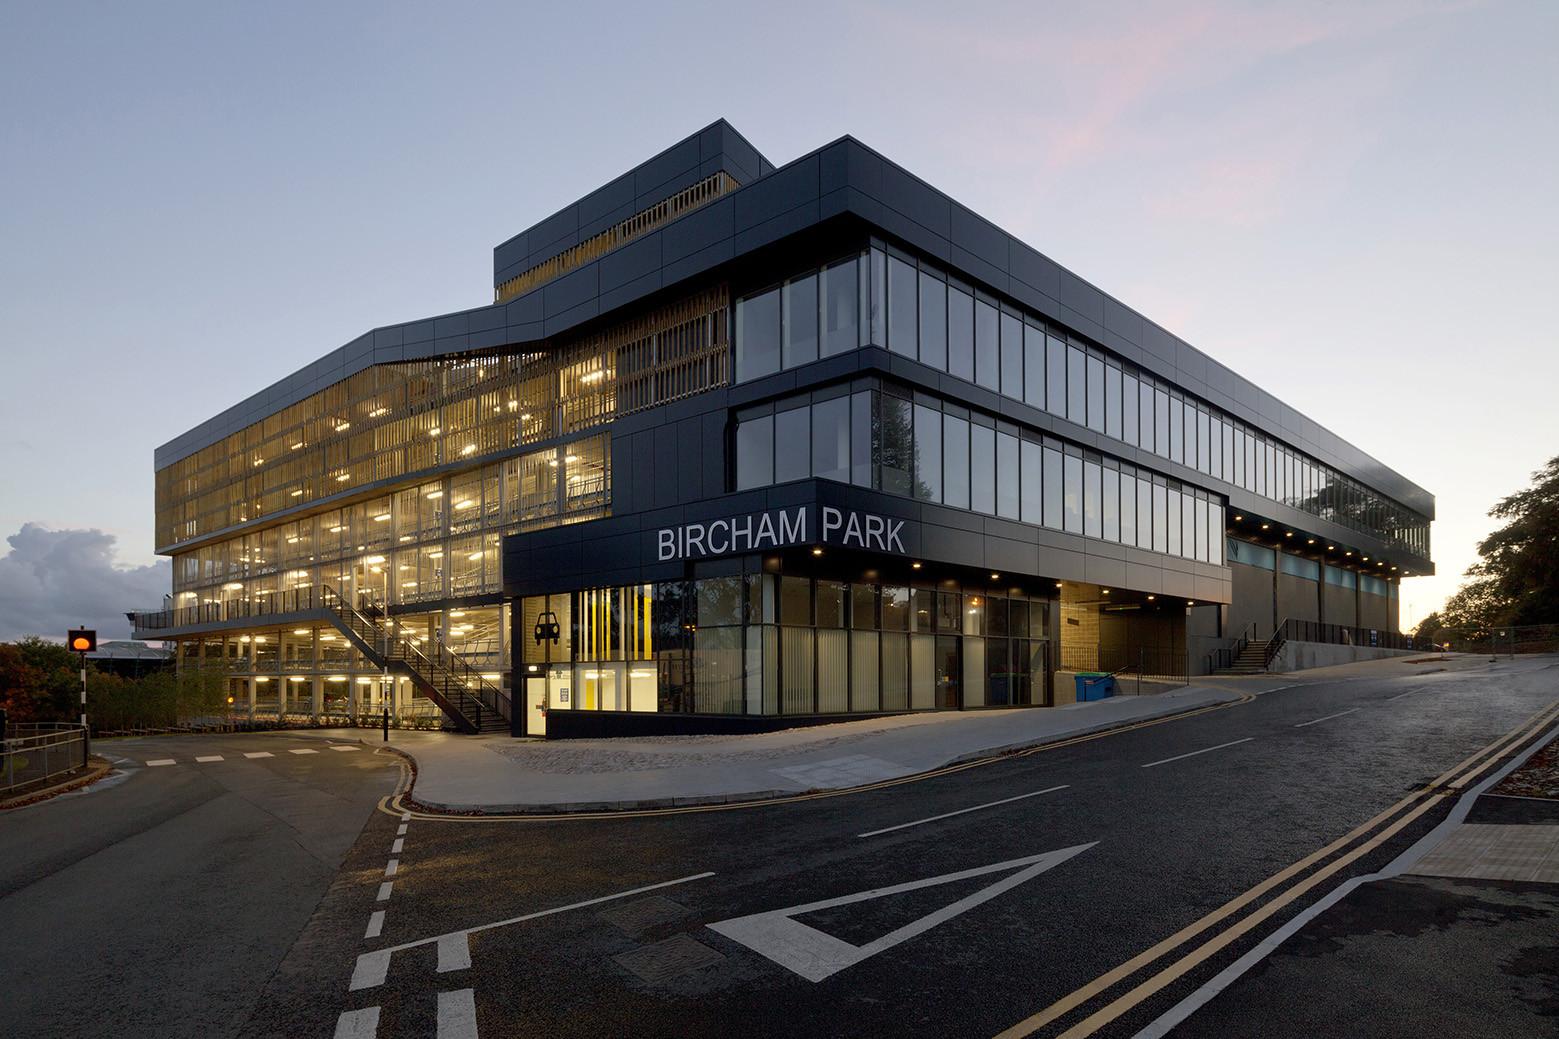 Bircham Park Multi Storey Car Park S333 Architecture